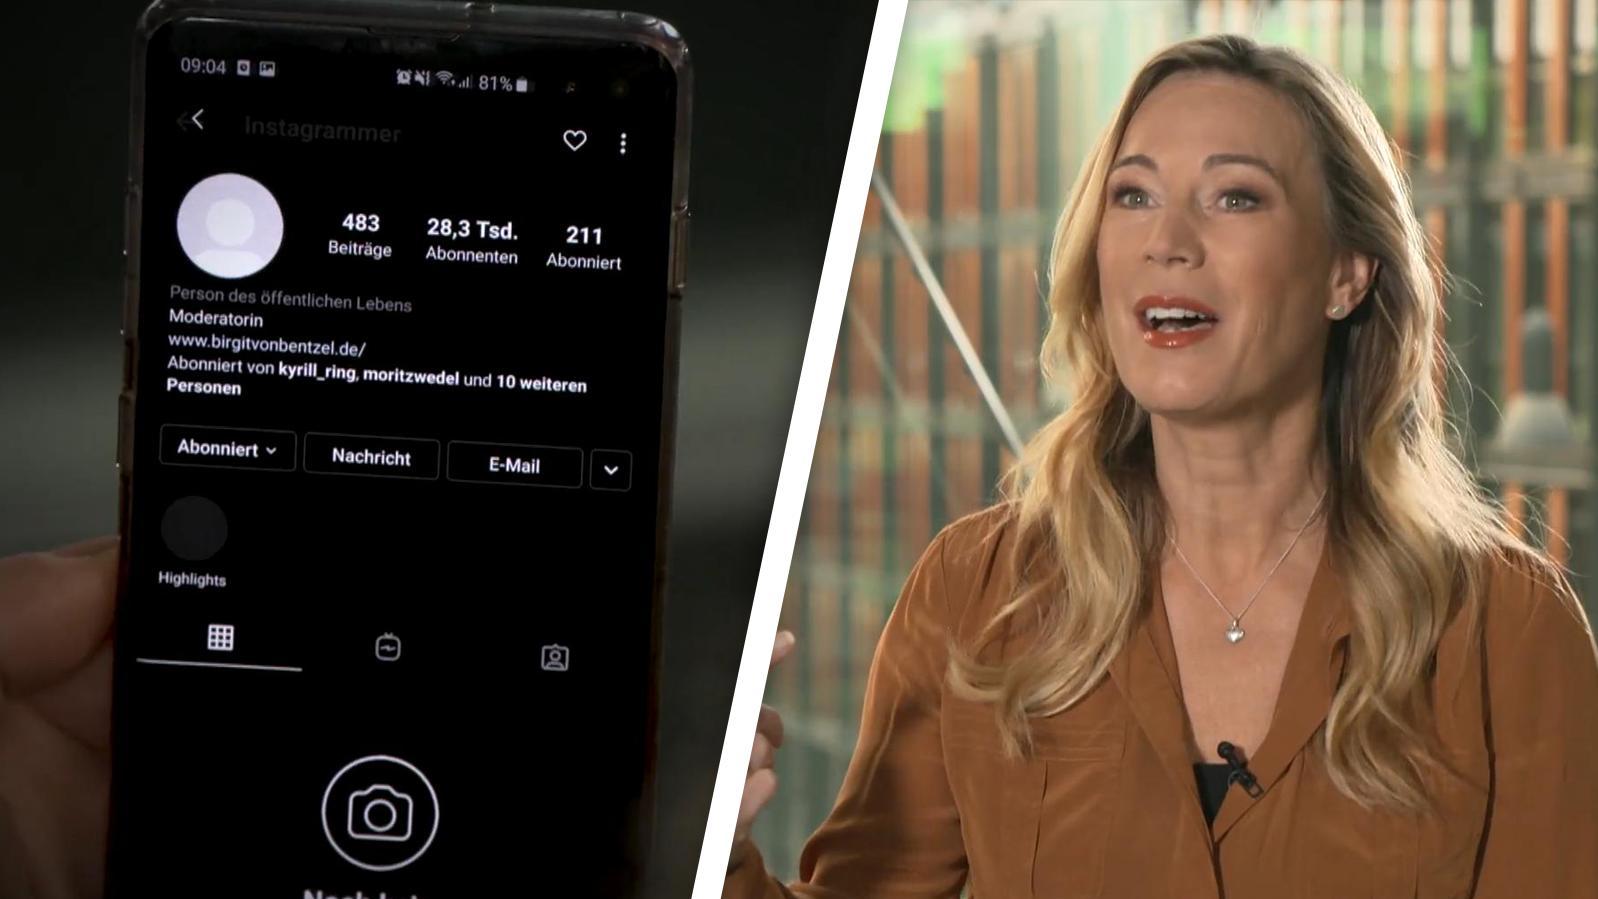 Dreiste Erpressung! Instagram-Account von RTL-Moderatorin Birgit von Bentzel gehackt